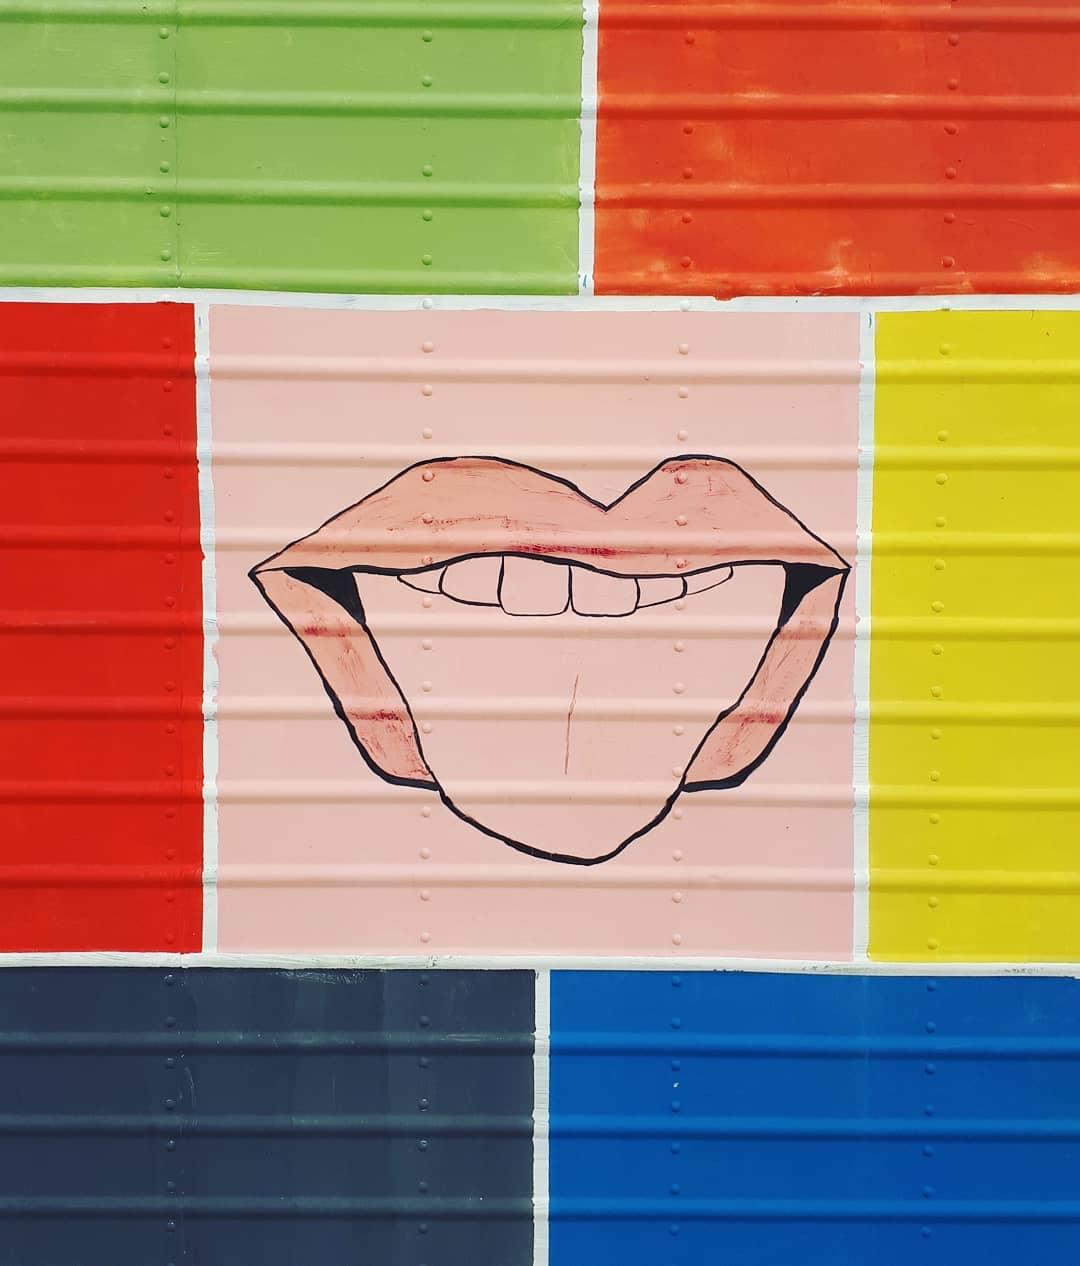 blowjob-tips - tongue graffiti